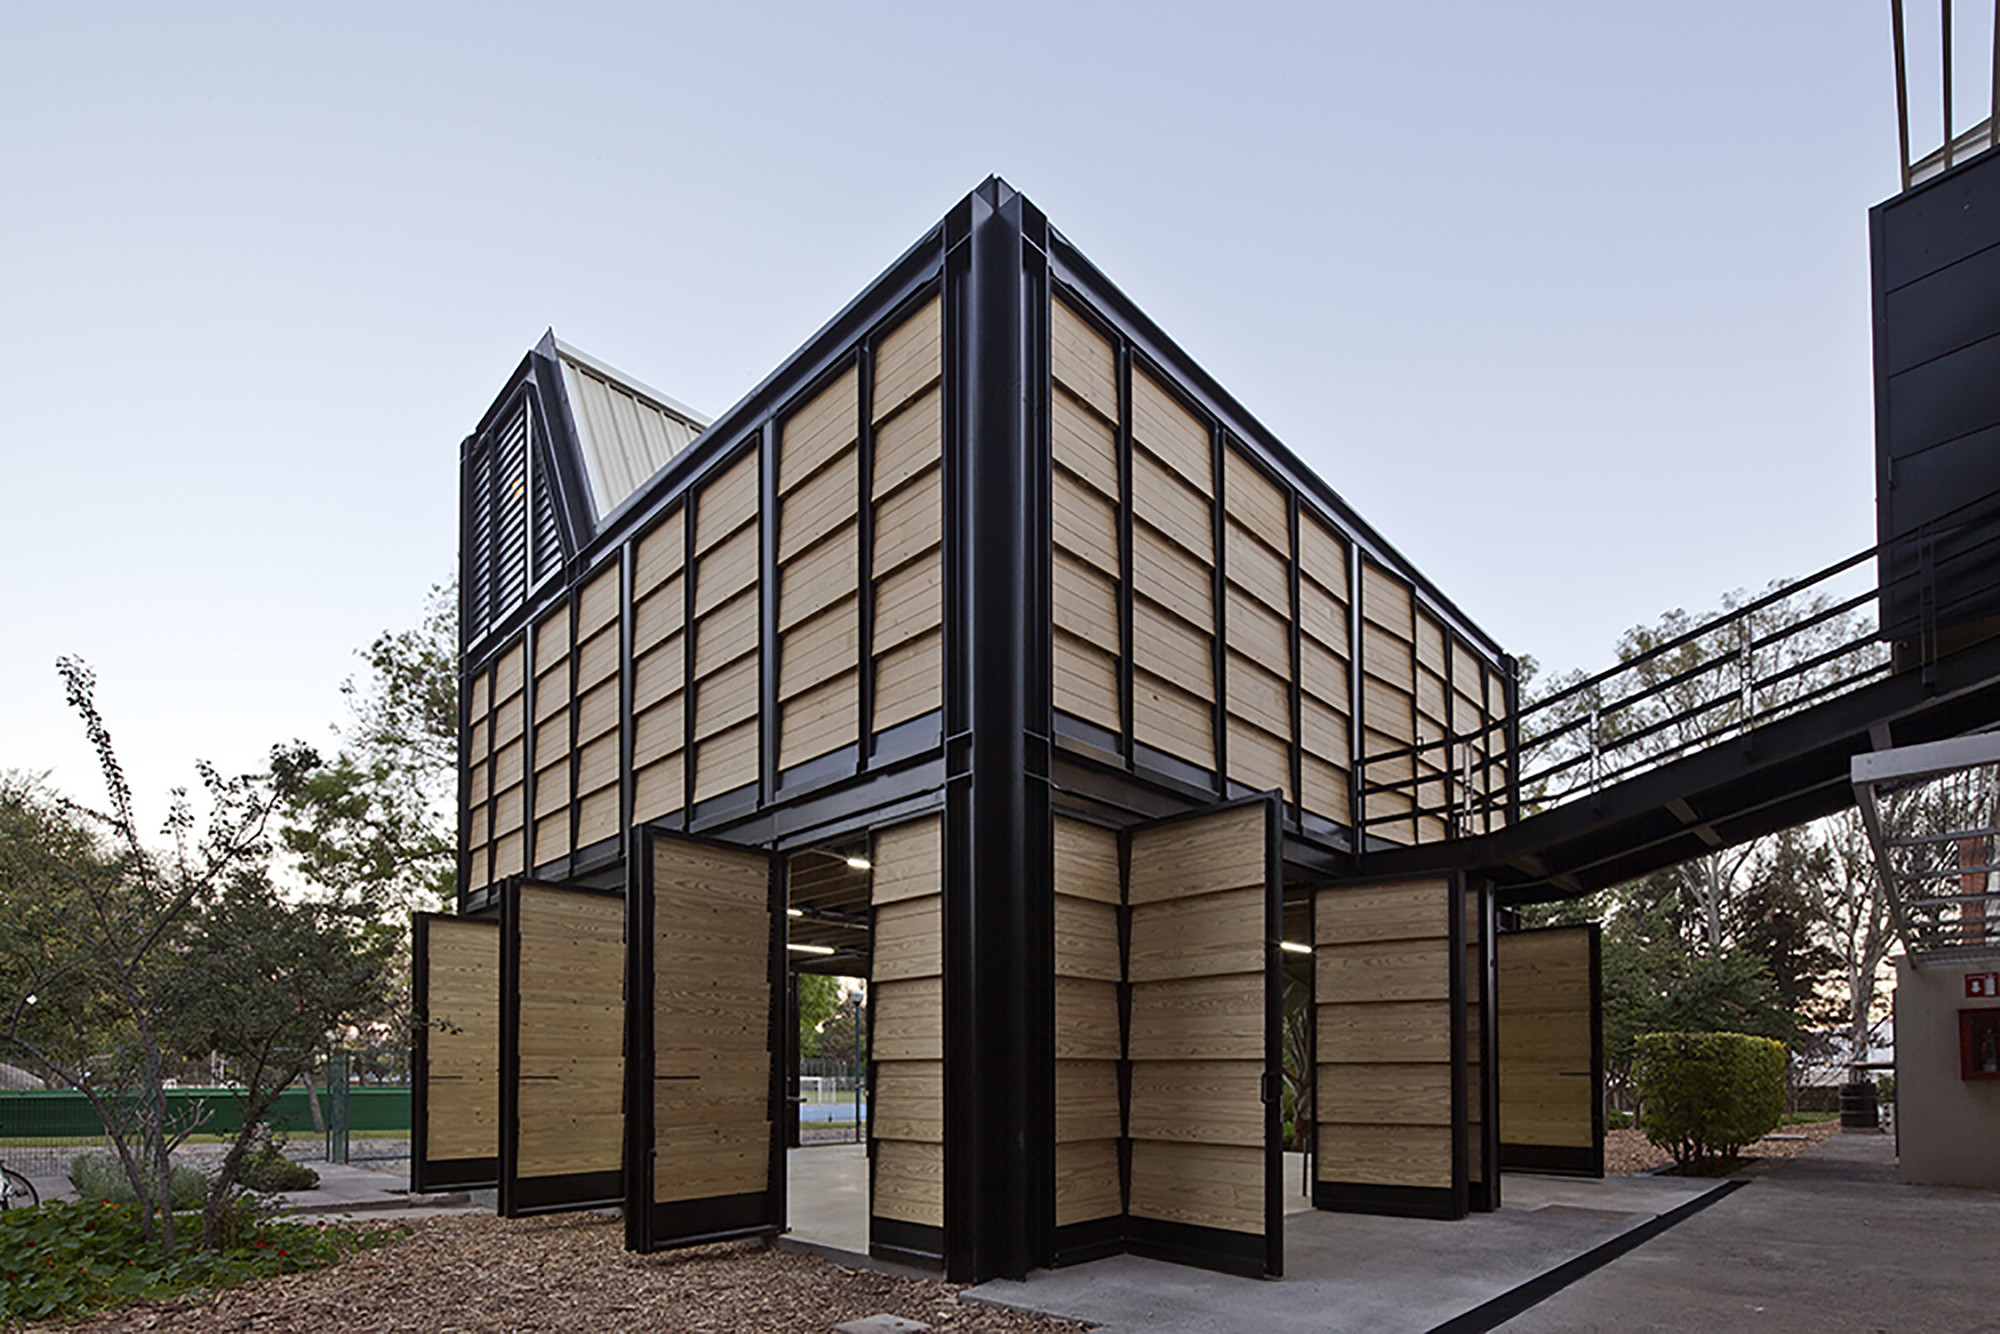 Atelier ars y losada garc a arquitectos destacados en - Atelier arquitectura ...